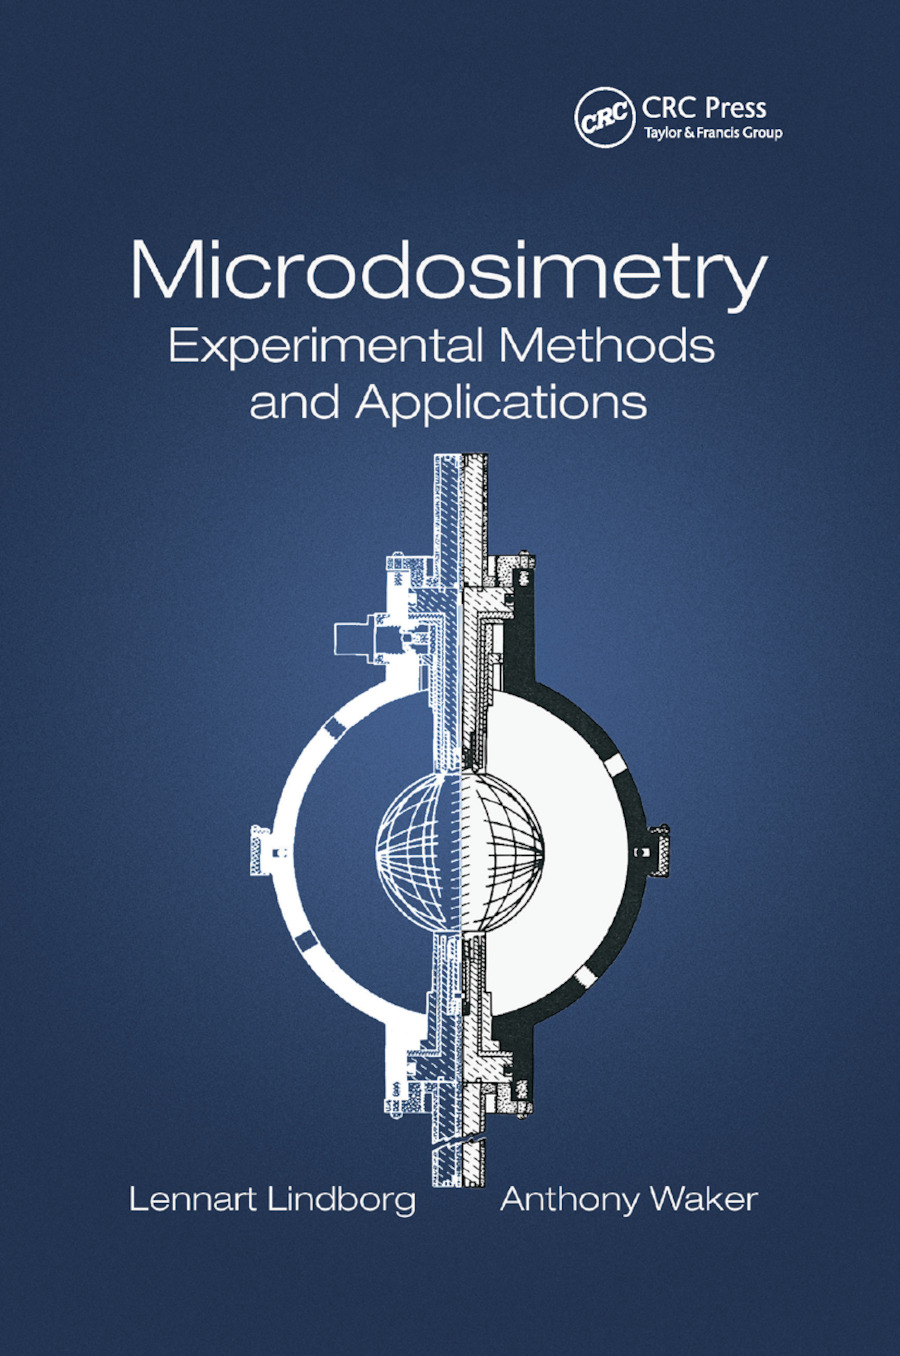 Microdosimetry